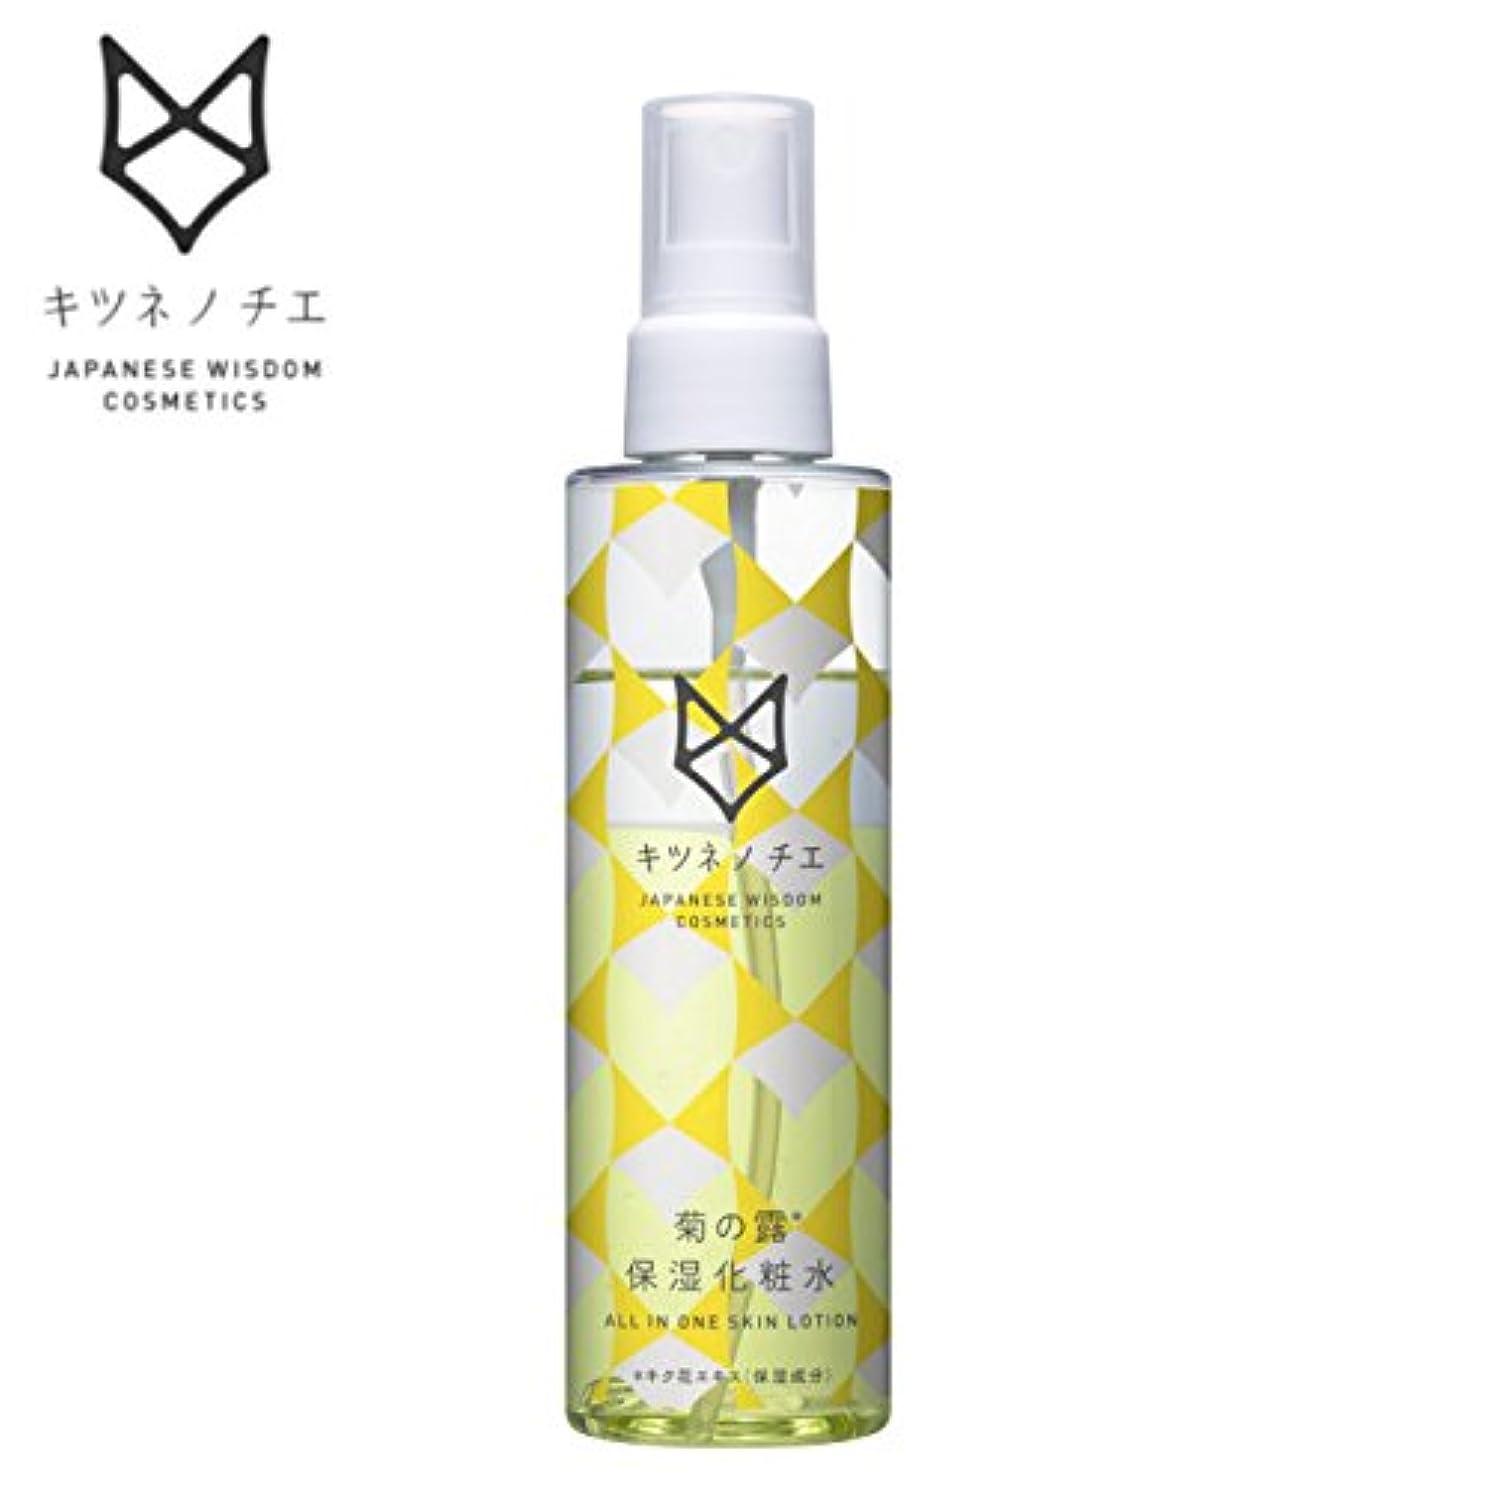 緊張ほとんどない素敵なキツネノチエ 菊の露 保湿化粧水 W44xD44xH172mm